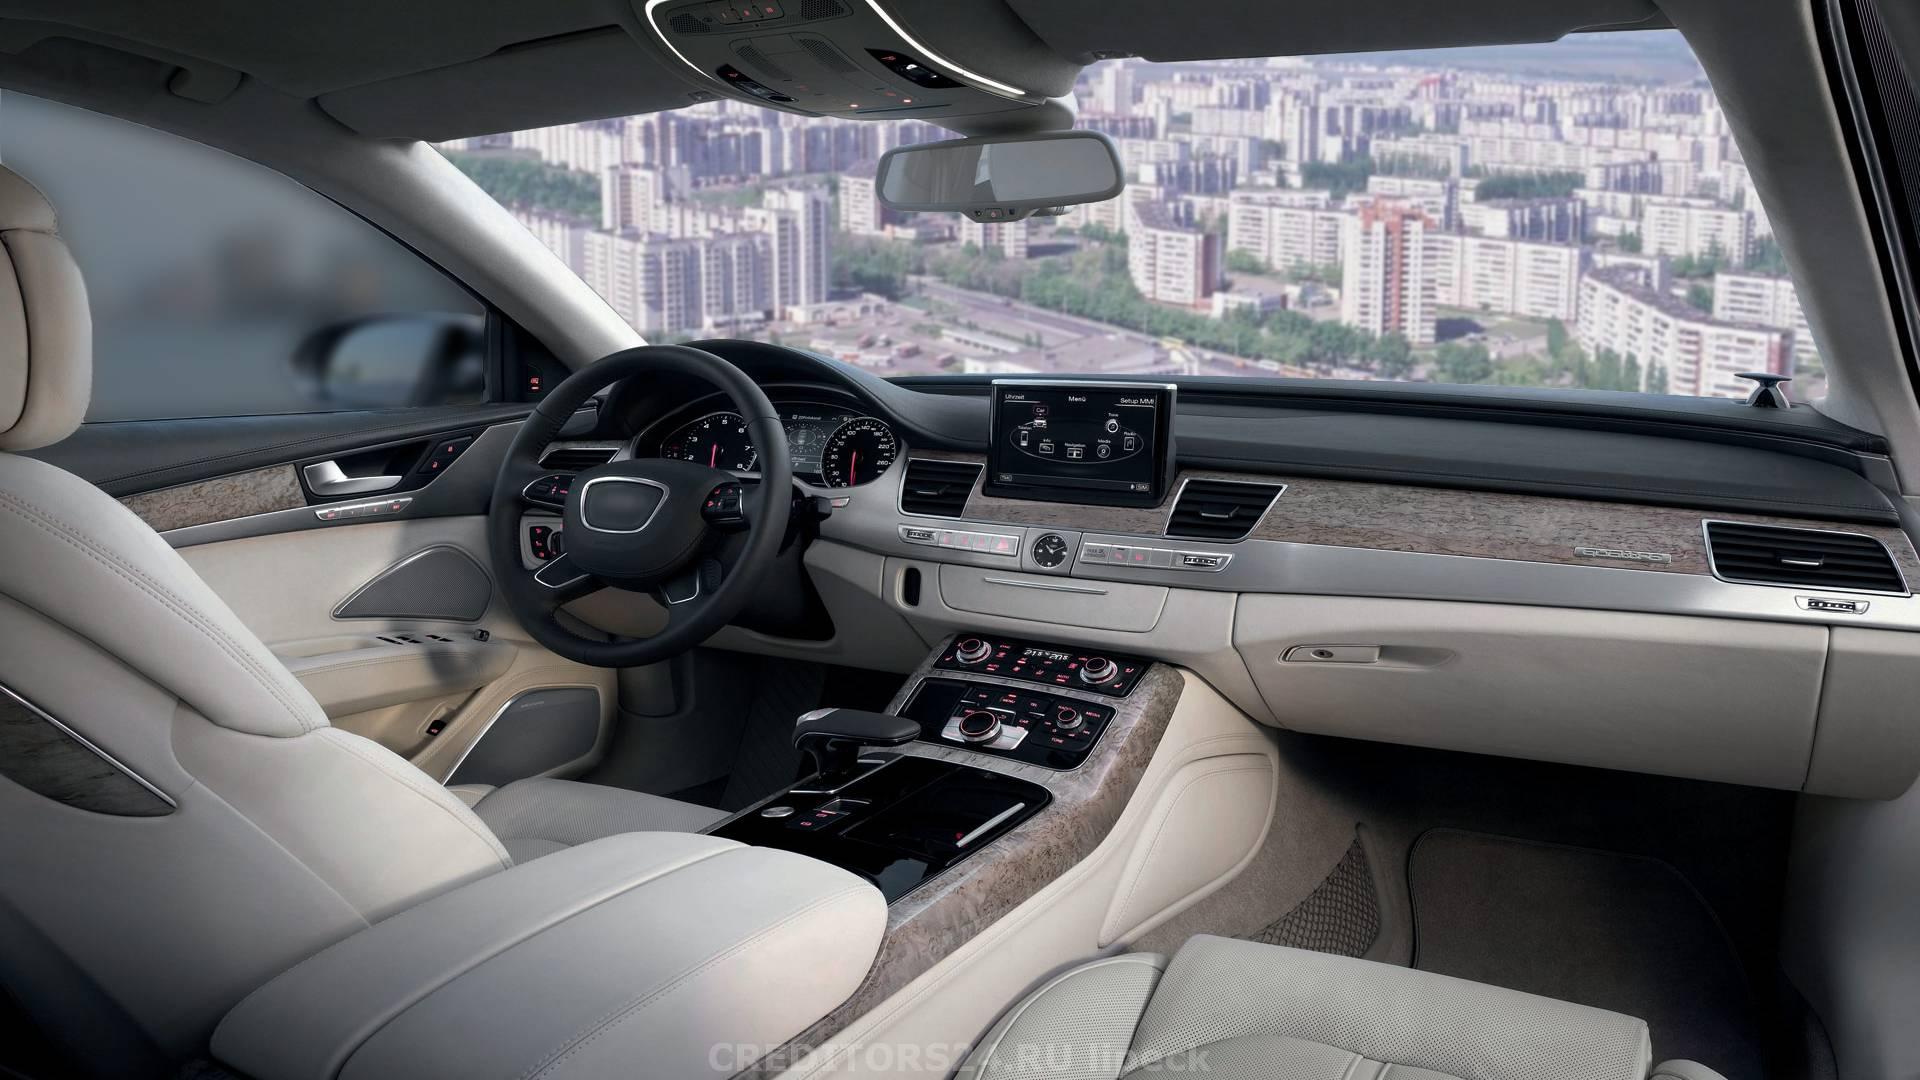 Машину под залог в липецке купить автомобиль ниссан новый в автосалонах москвы